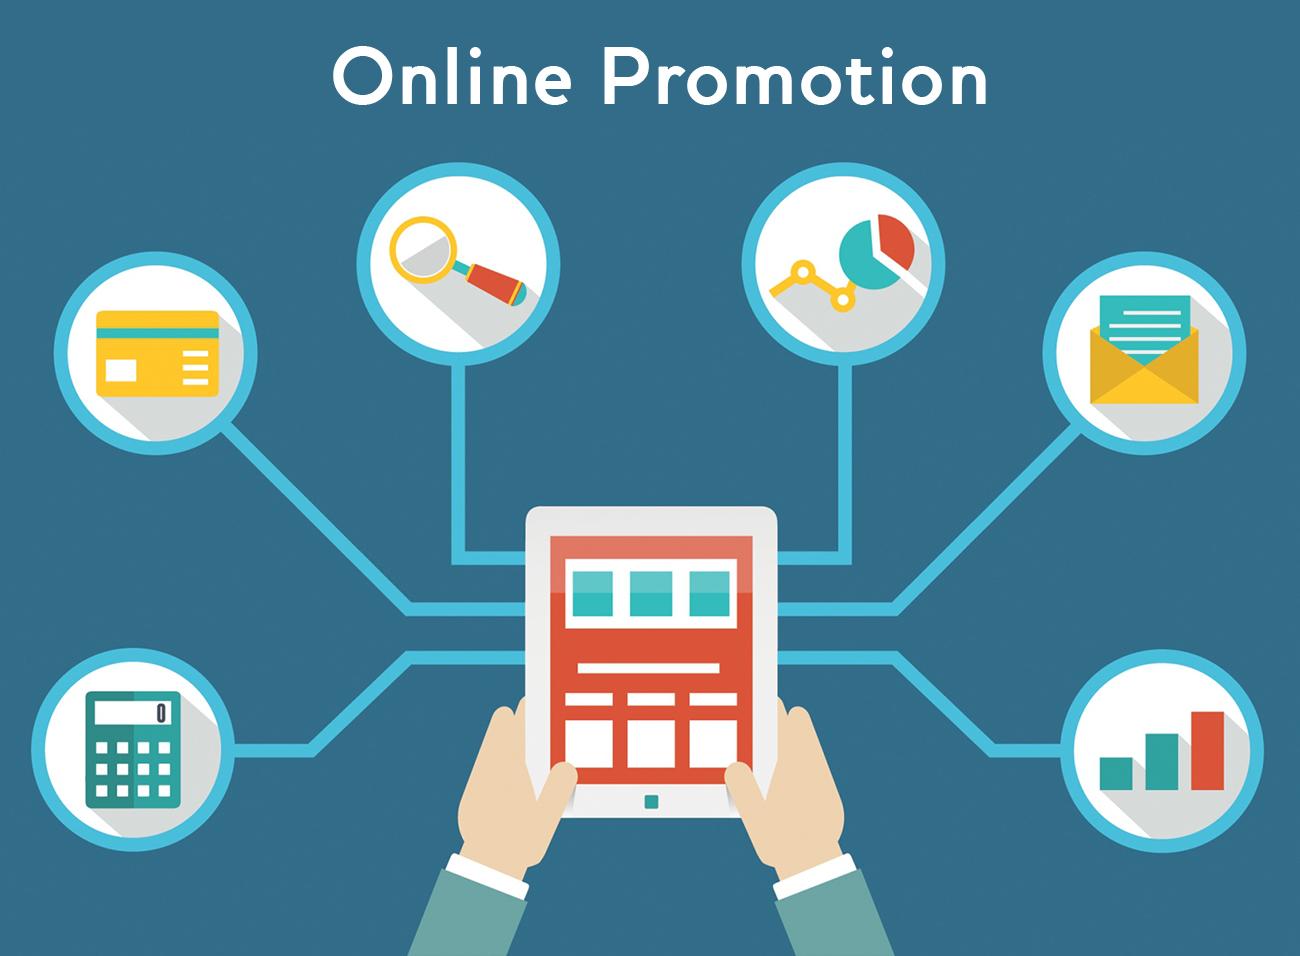 5 goi y khuyen mai online hap dan dip cuoi nam va Tet 2018 - Hướng dẫn cách kiếm tiền online không cần vốn dễ dàng